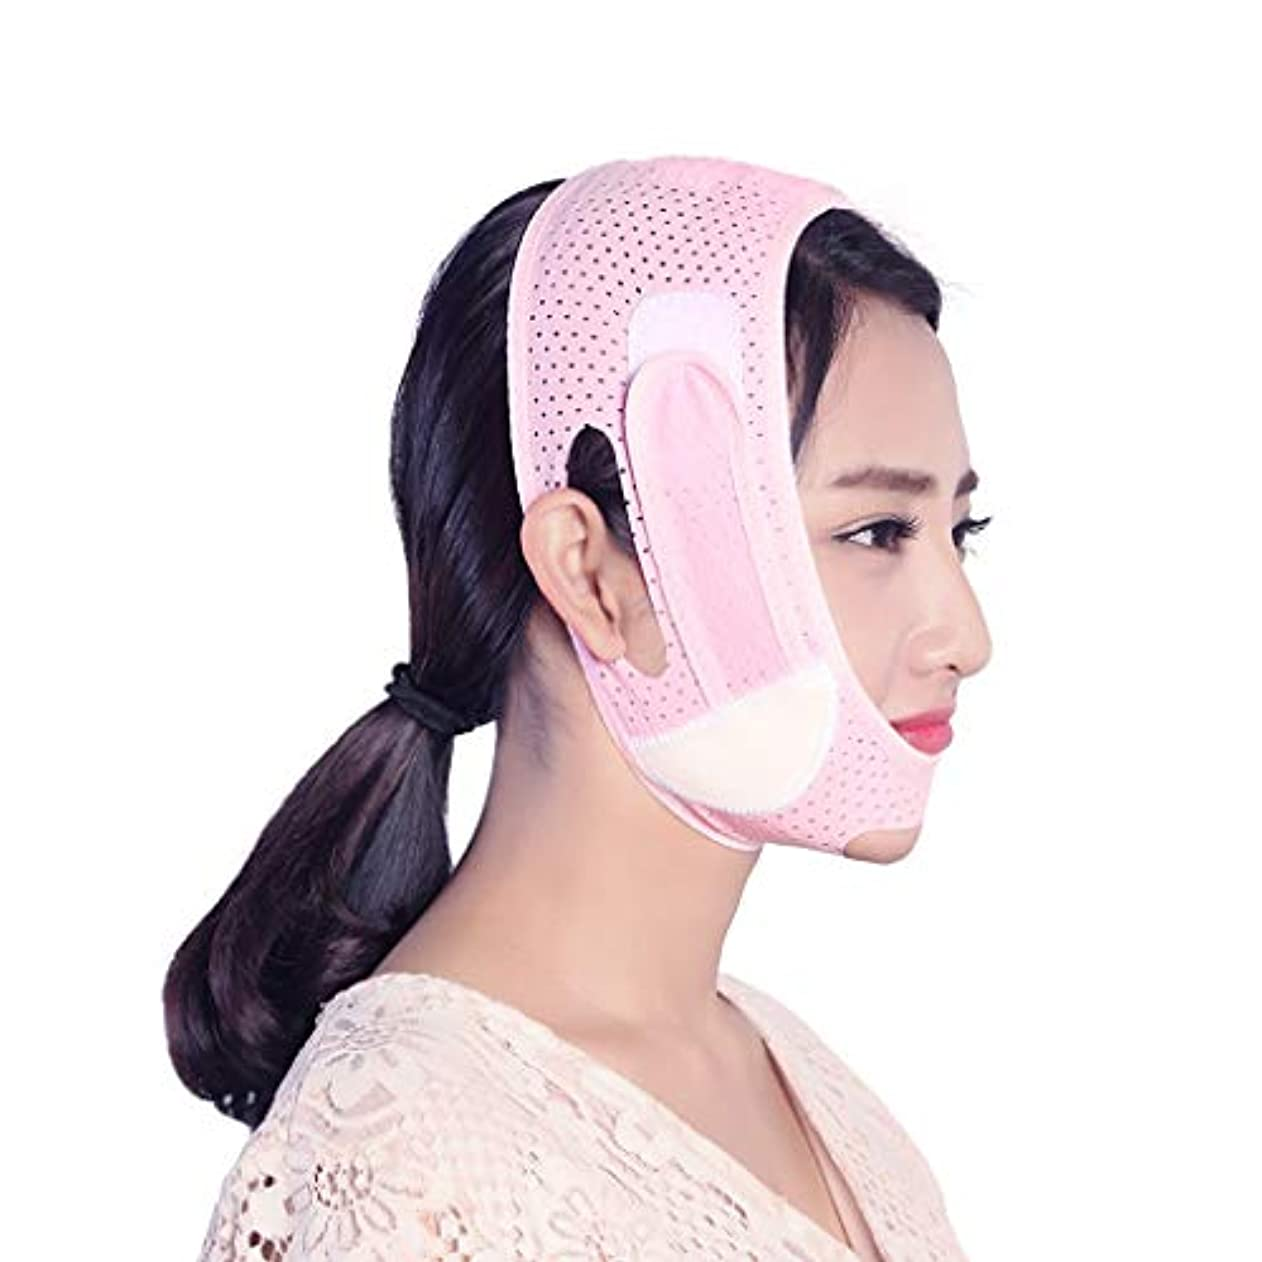 プライム凶暴な遮るJia He 軽量 薄い顔ベルト、フェイシャル?スリミングアーティファクト薄いスリープ包帯二重あごVフェイス通気性ファーミングは薄いフェイスマスクを引い ## (Size : M)